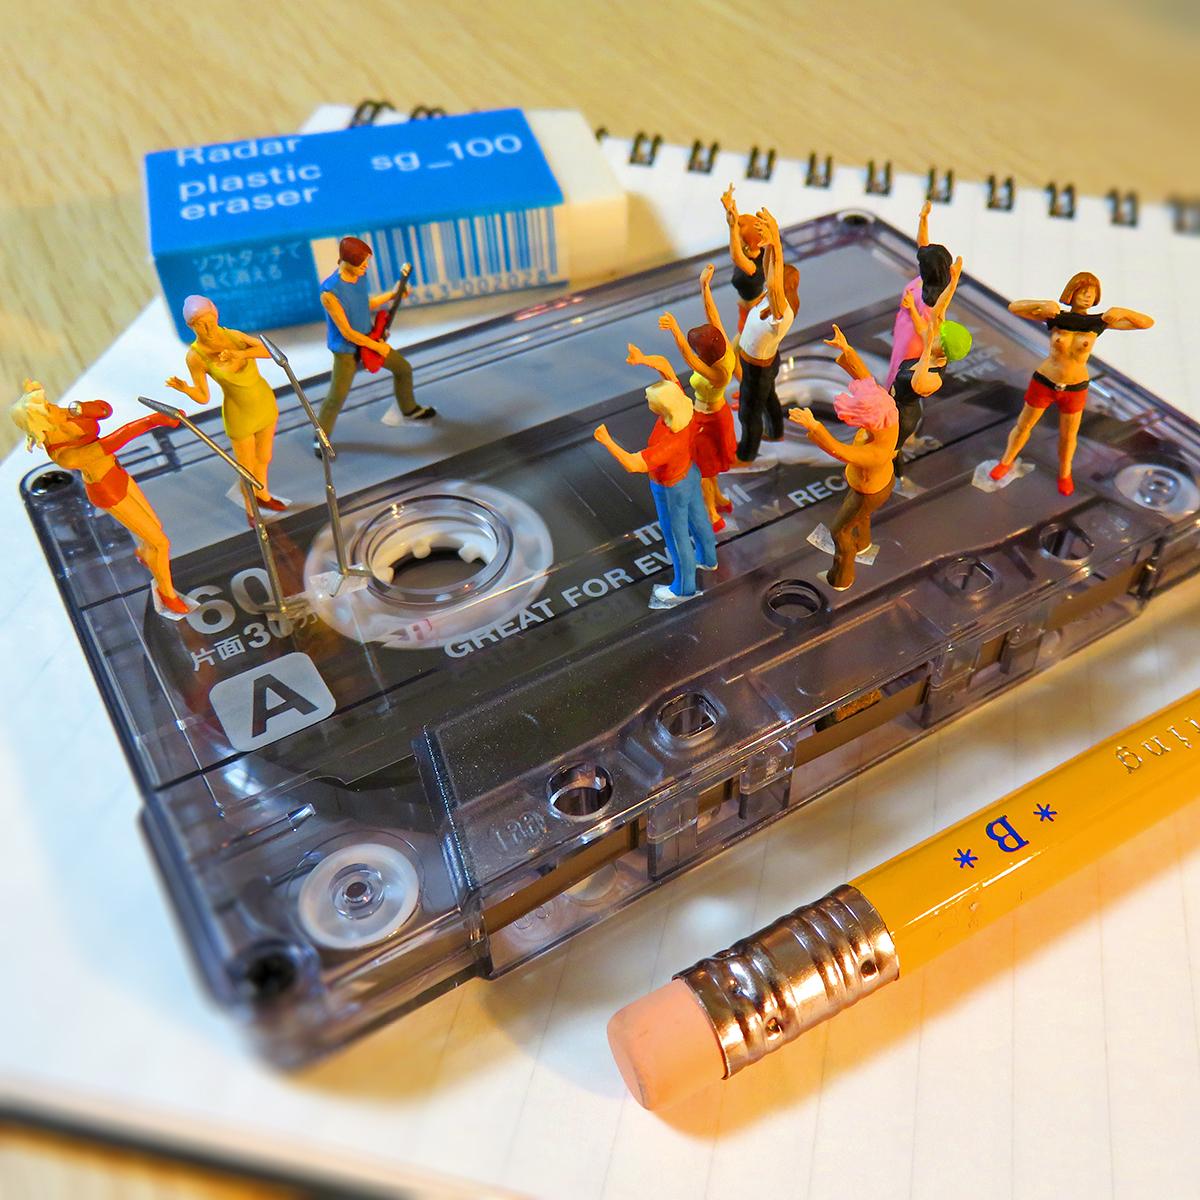 カセットテープでライブする音楽アーティストと盛り上がる観客たち